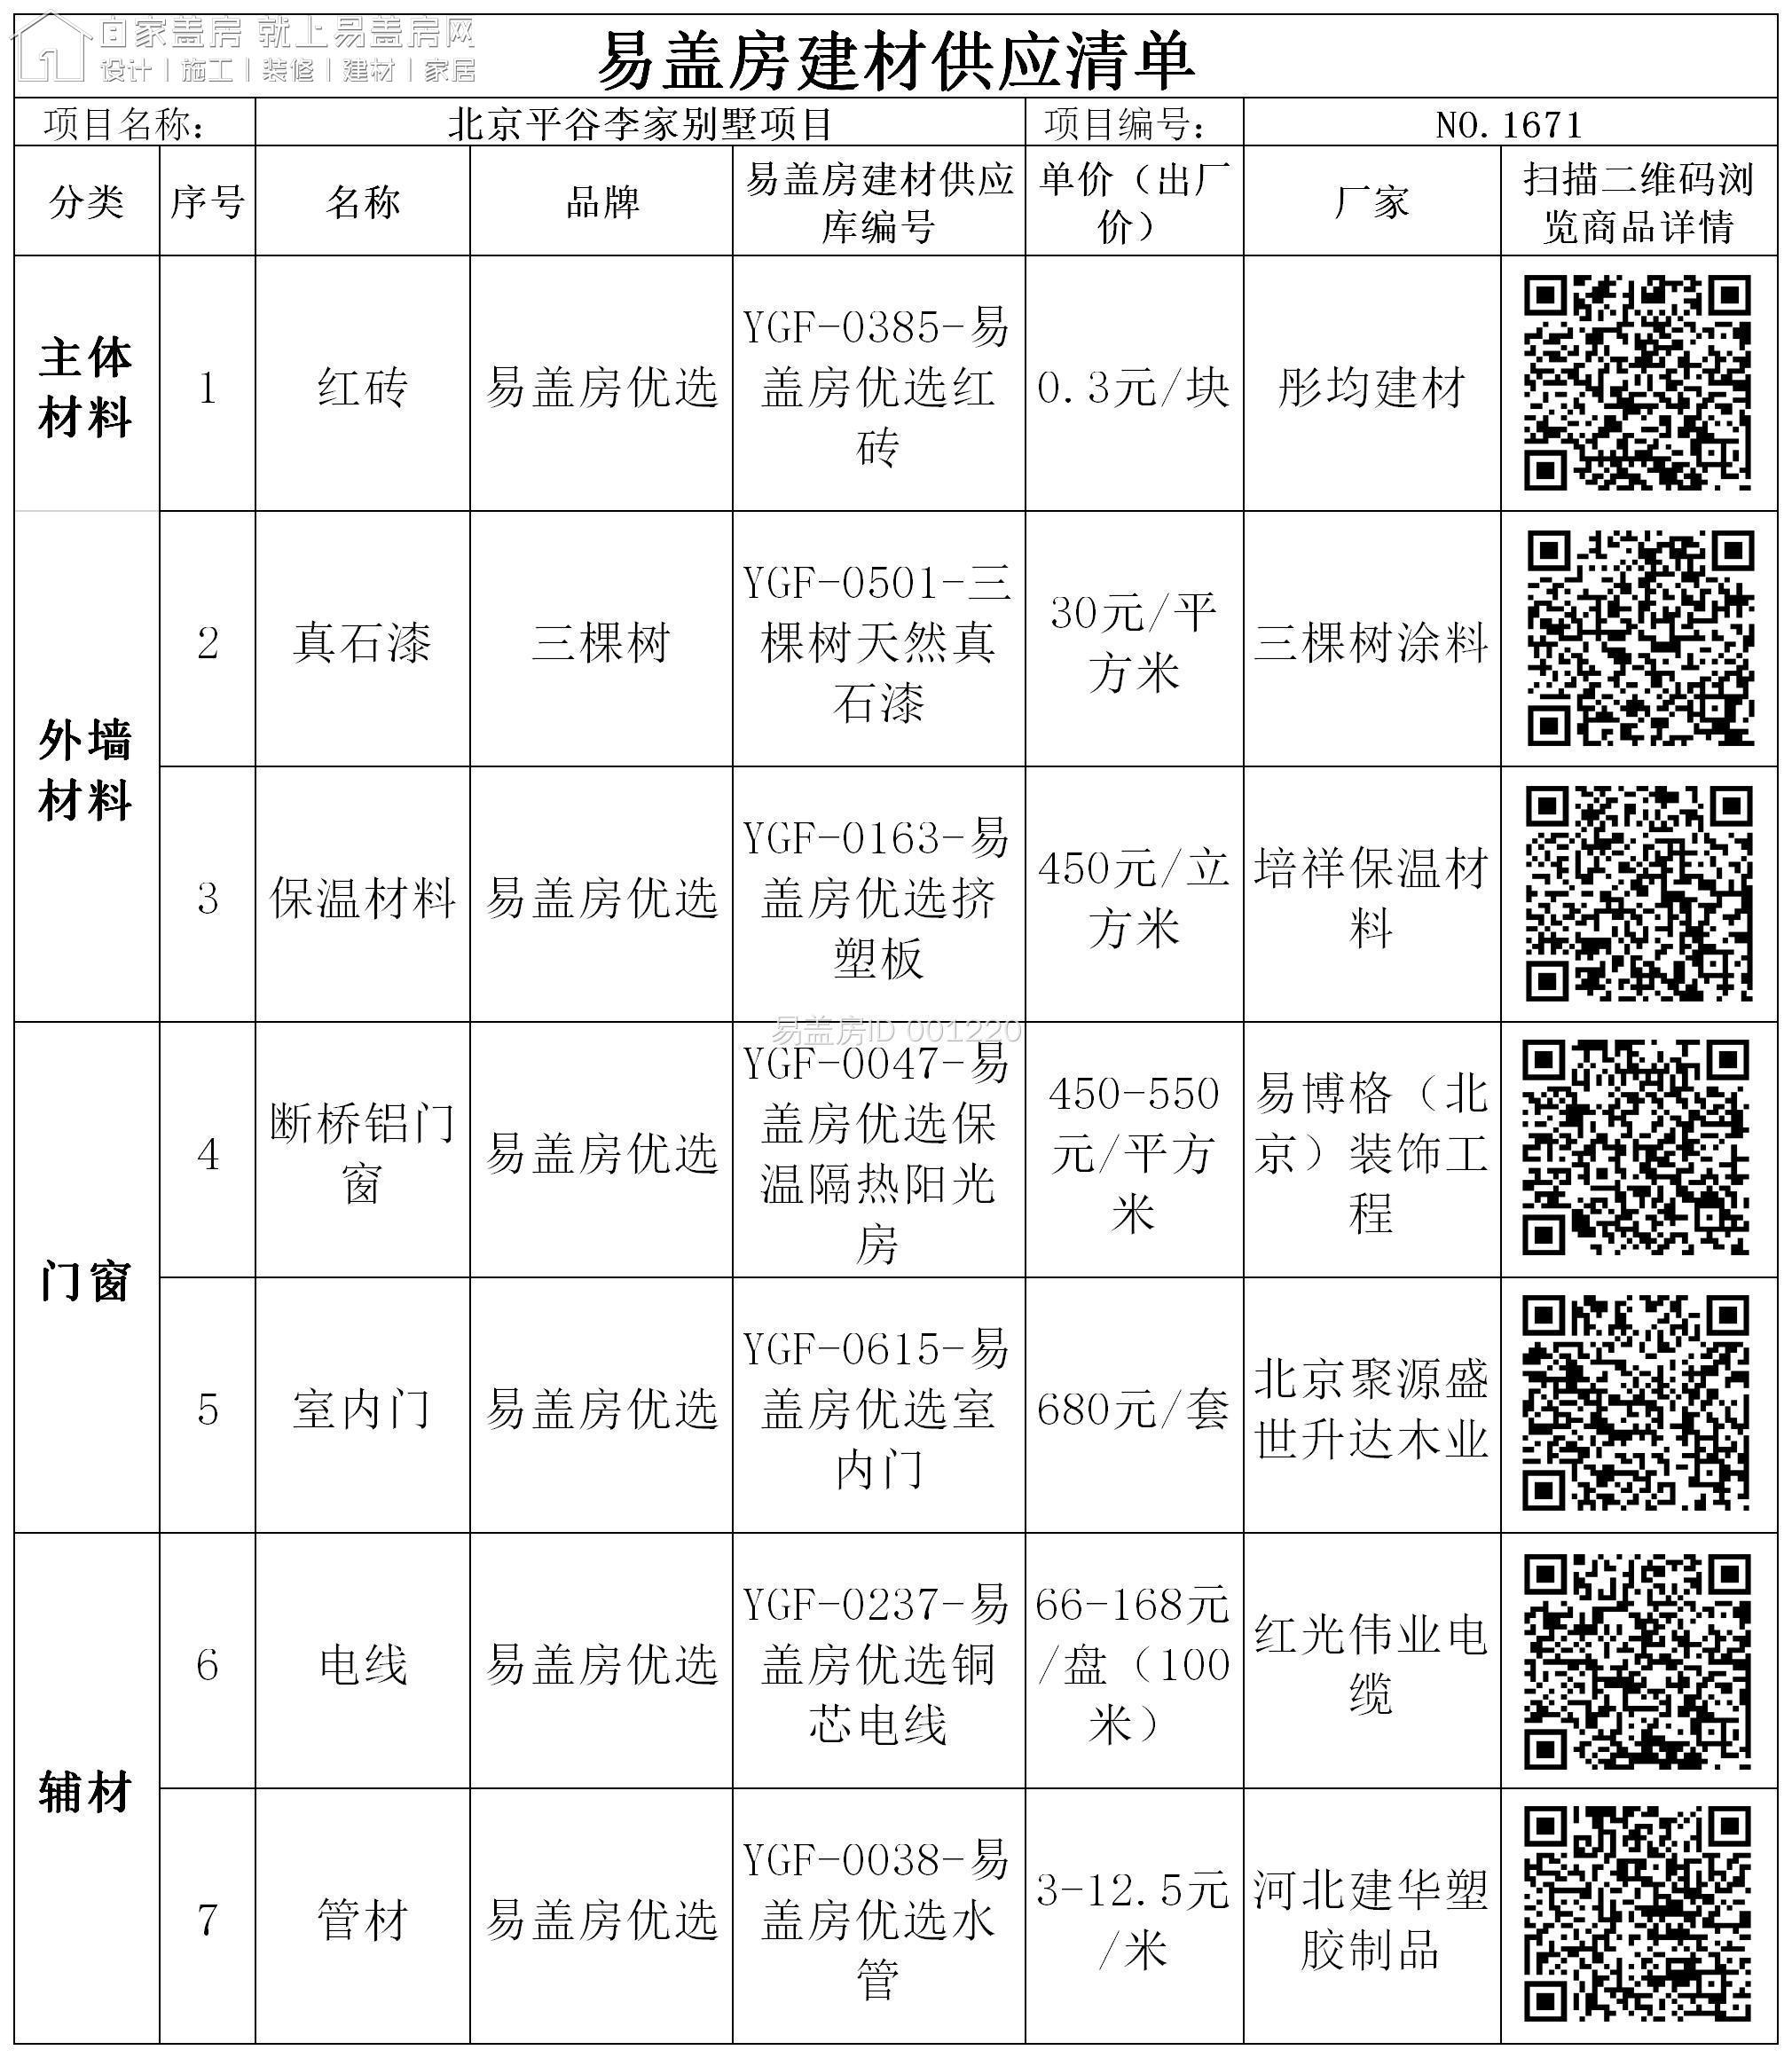 8.易盖房建材供应清单-平谷李福瑞民宿项目.jpg